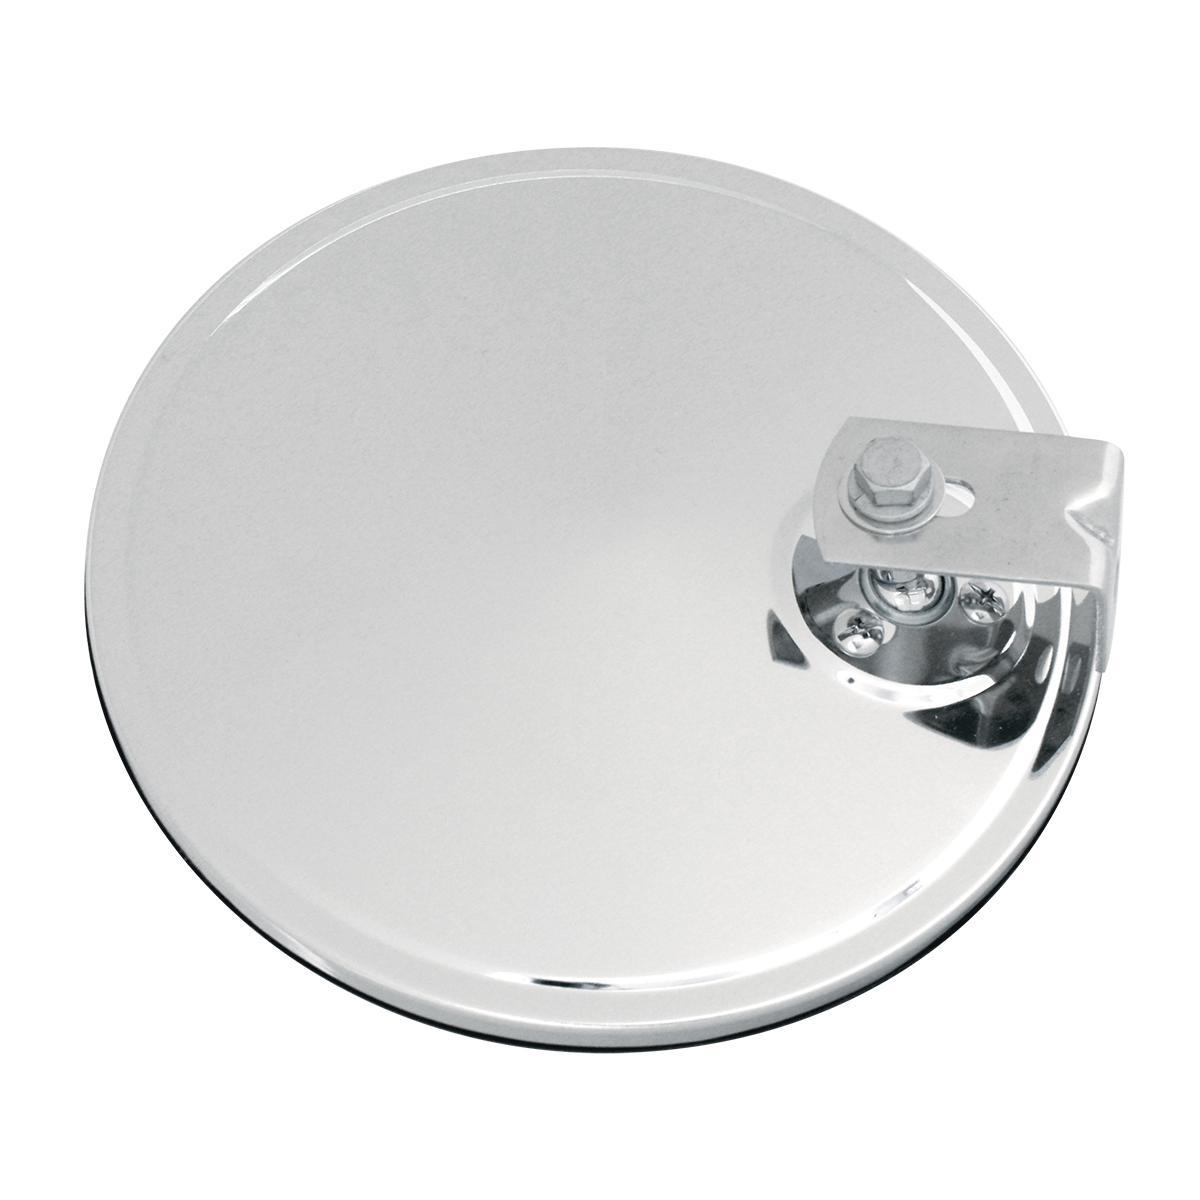 """Convex Spot Mirror 8/"""" Offset Mount Chrome Peterbilt Freightliner Kenworth"""